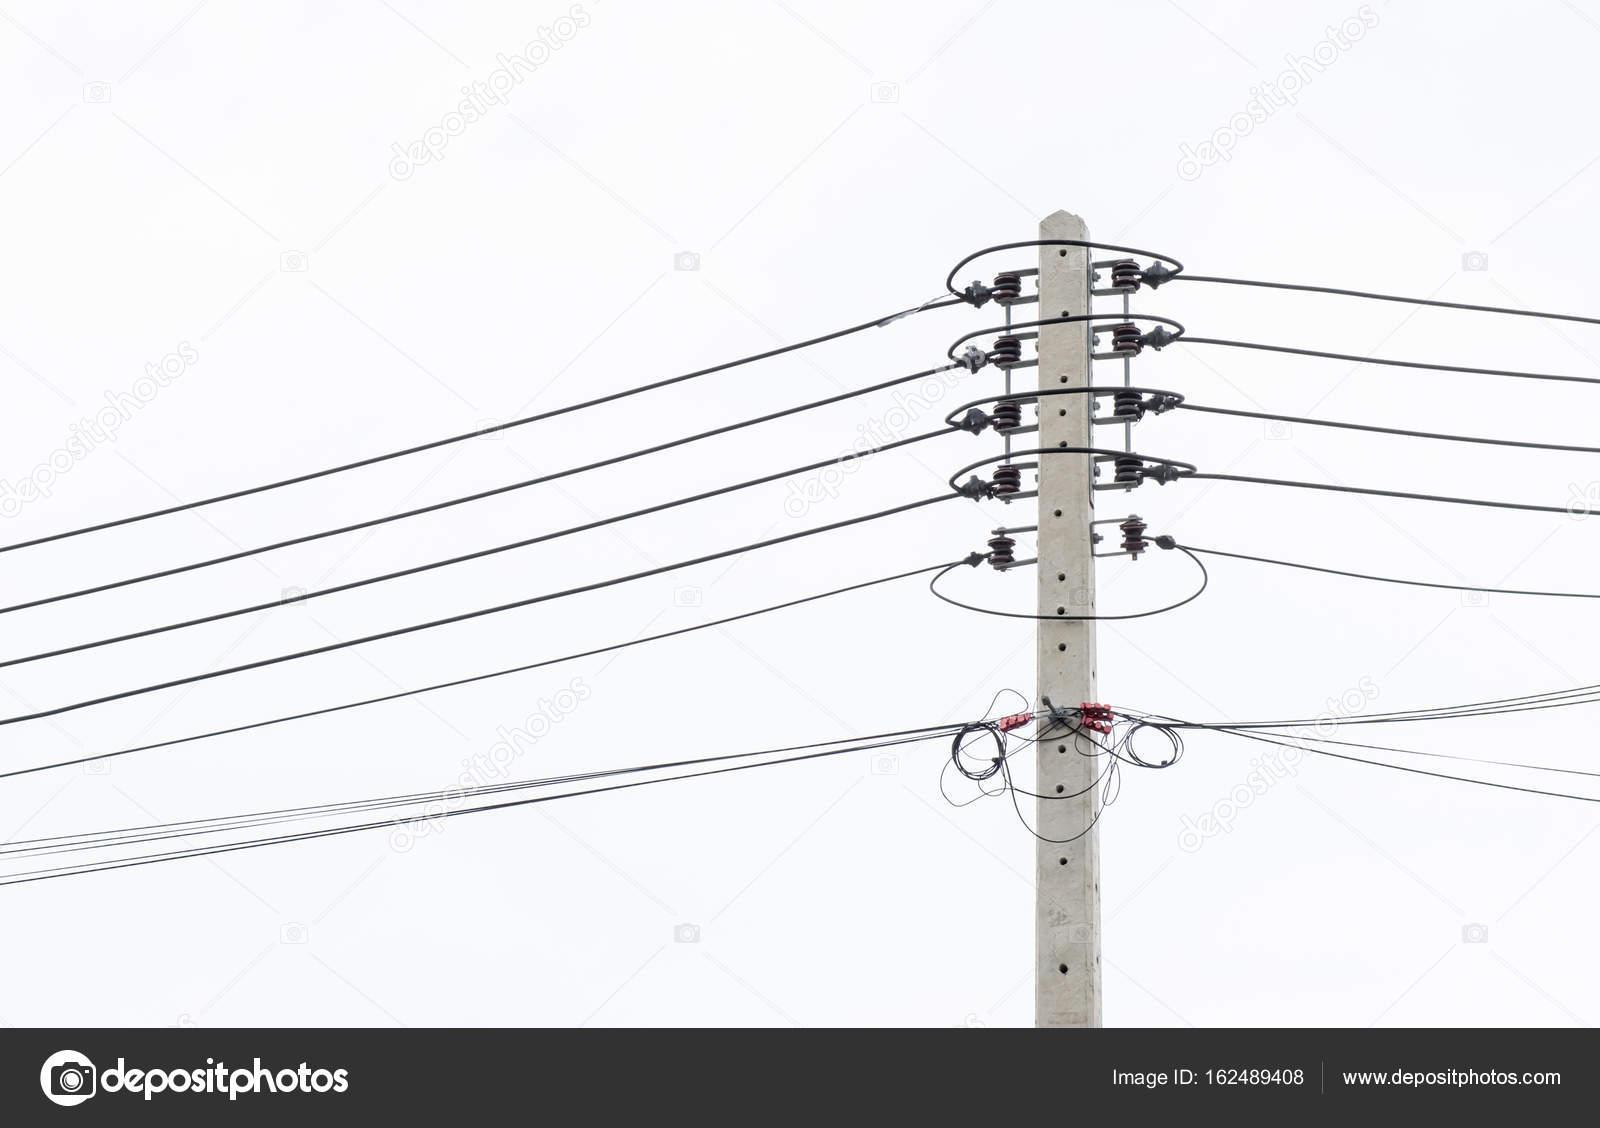 Elektrische Pol an die Hochspannung elektrische Drähte anschließen ...